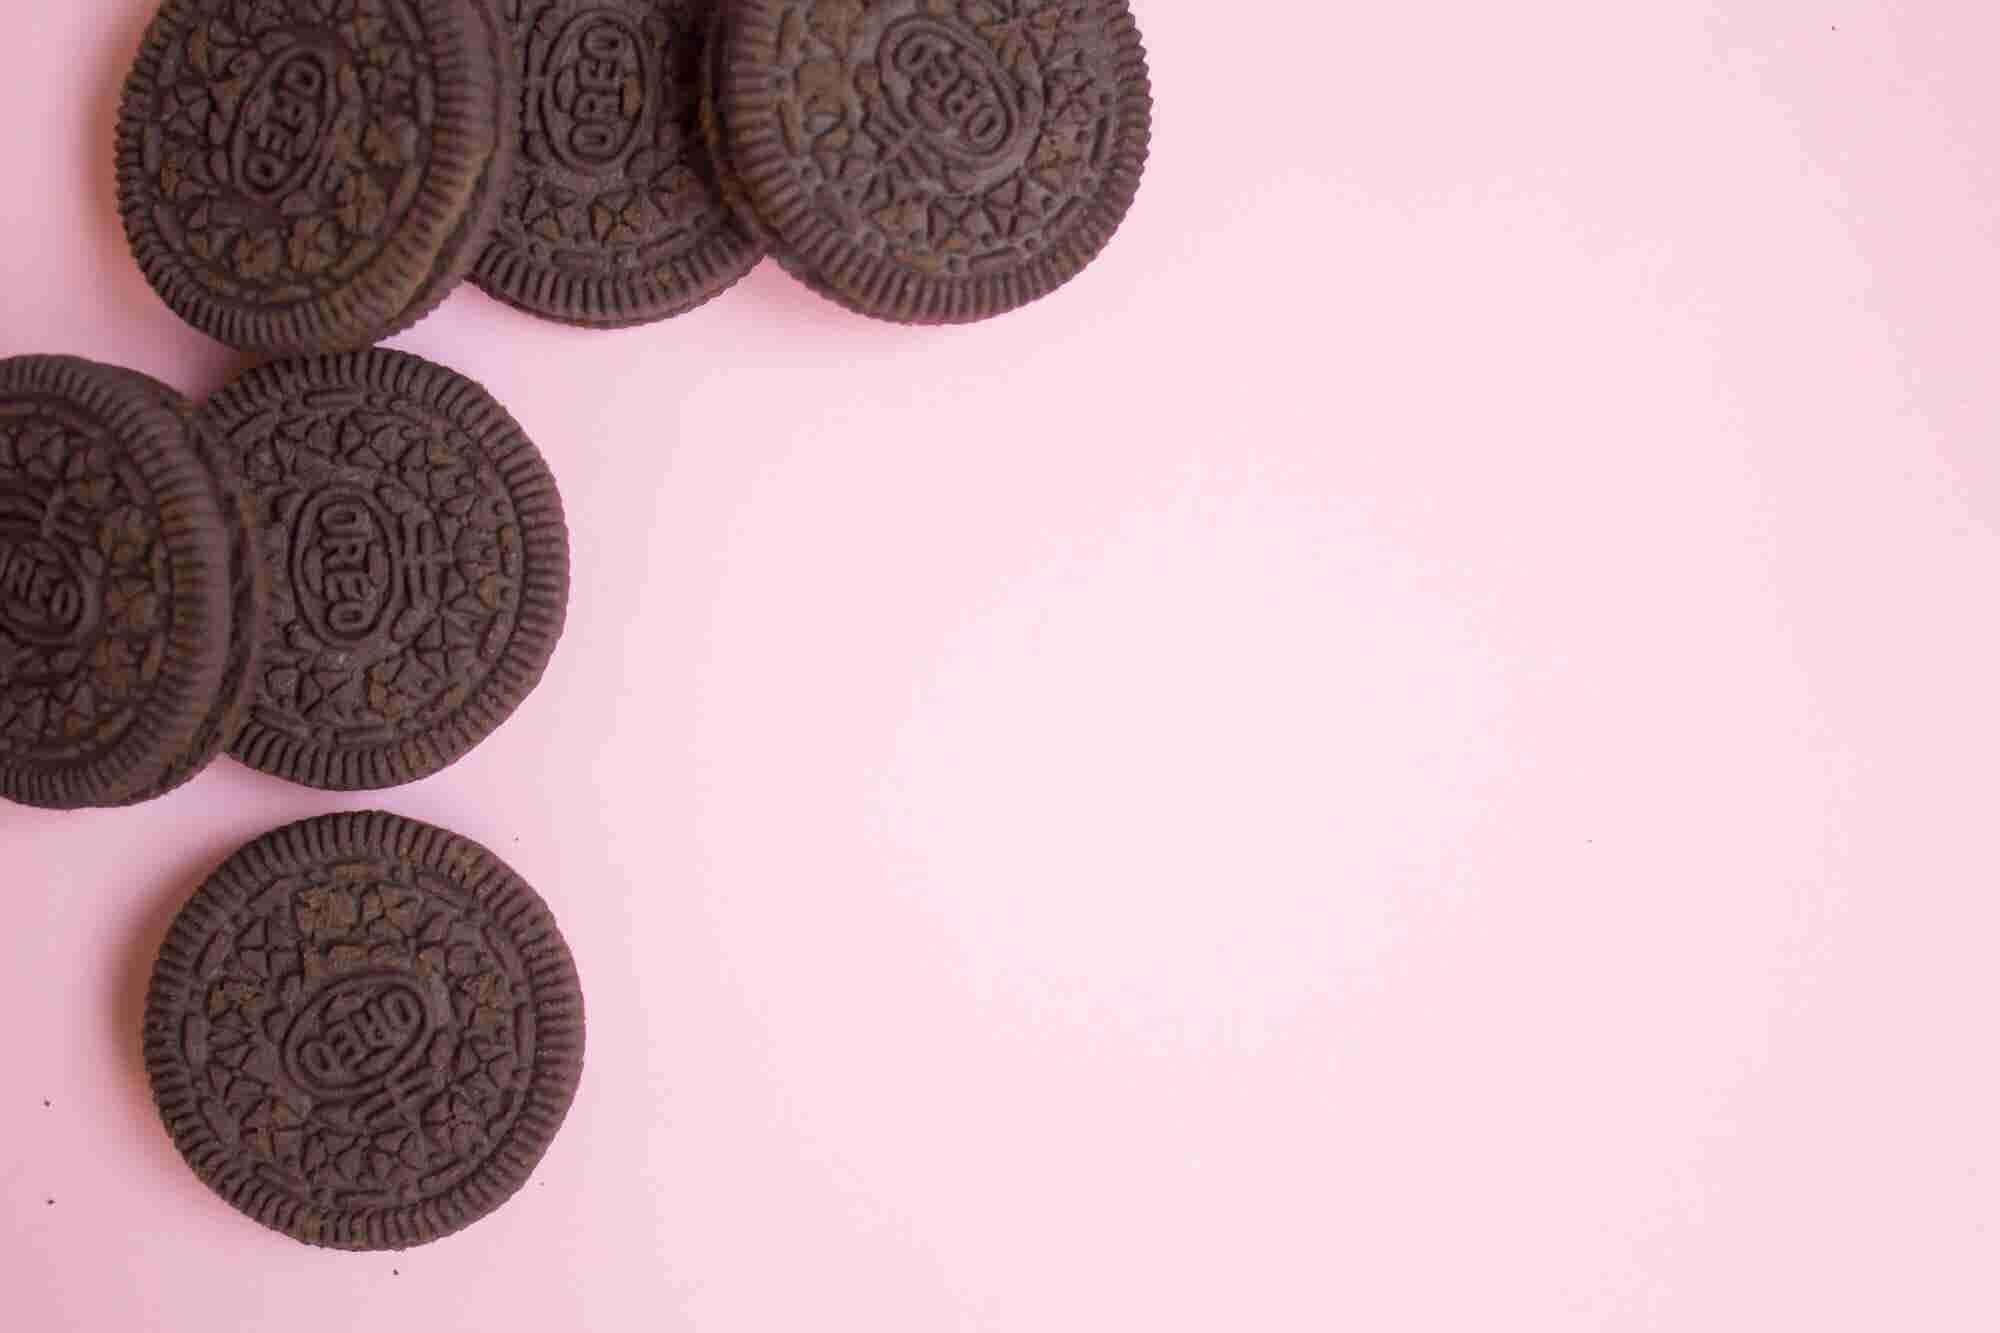 Smart Brands Won't Generalize When It Comes to Gen Z